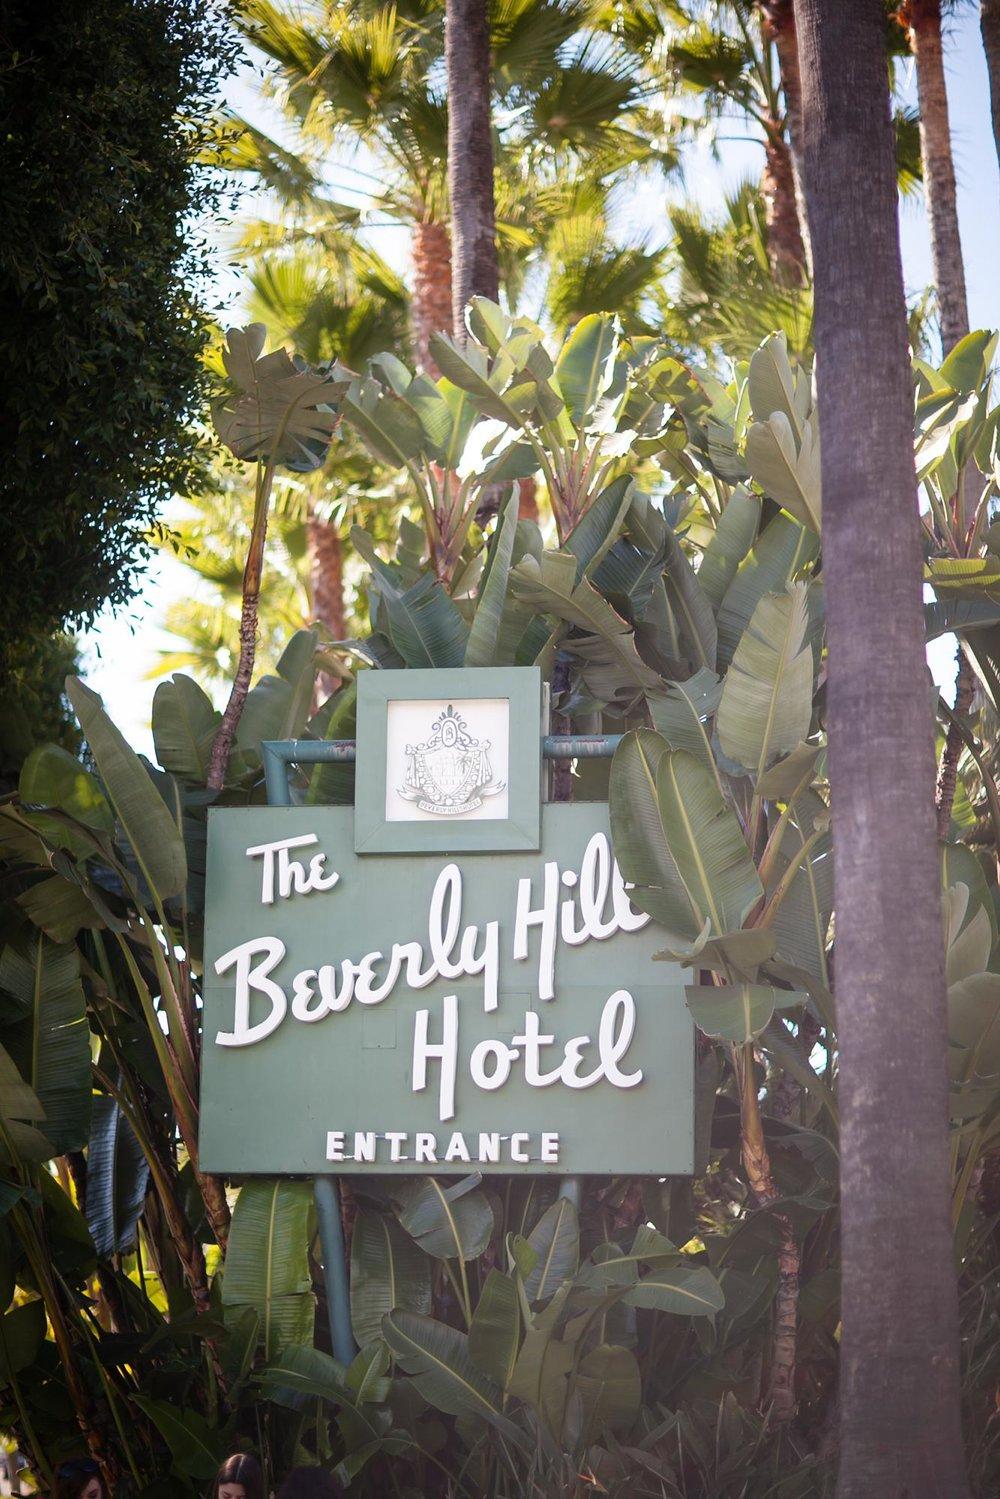 Beverly Hills Hotel Wedding | Miki & Sonja Photography | mikiandsonja.comBeverly Hills Hotel Wedding | Miki & Sonja Photography | mikiandsonja.com